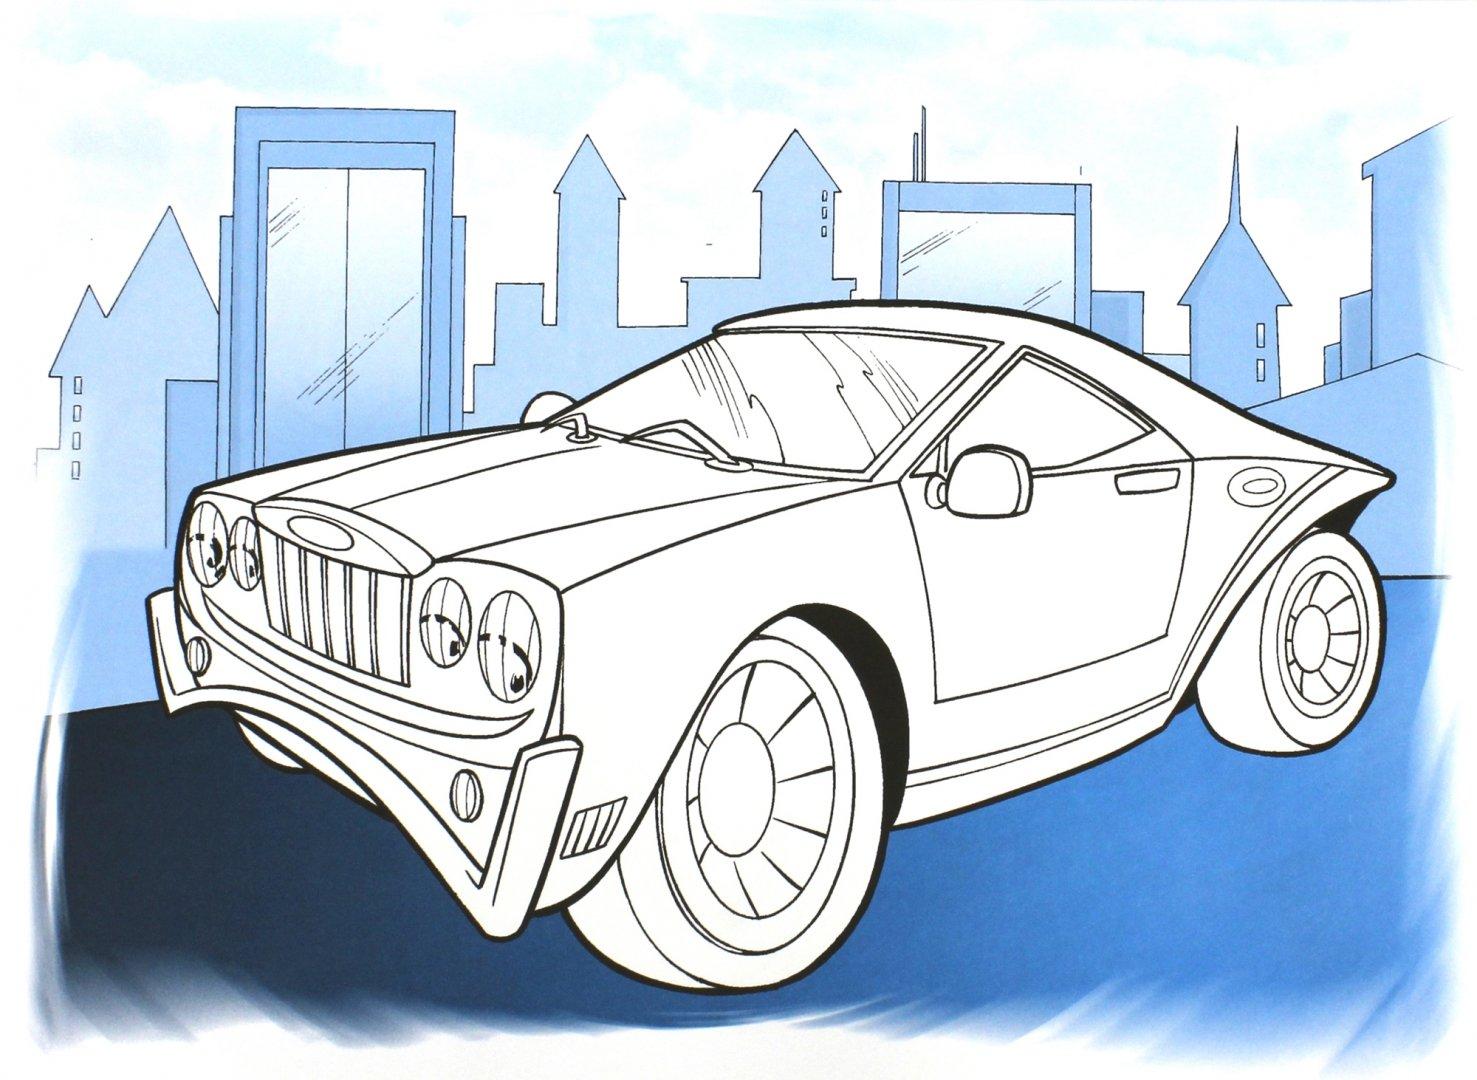 Иллюстрация 1 из 12 для Супермашины. Создай свою! (синяя) | Лабиринт - книги. Источник: Лабиринт